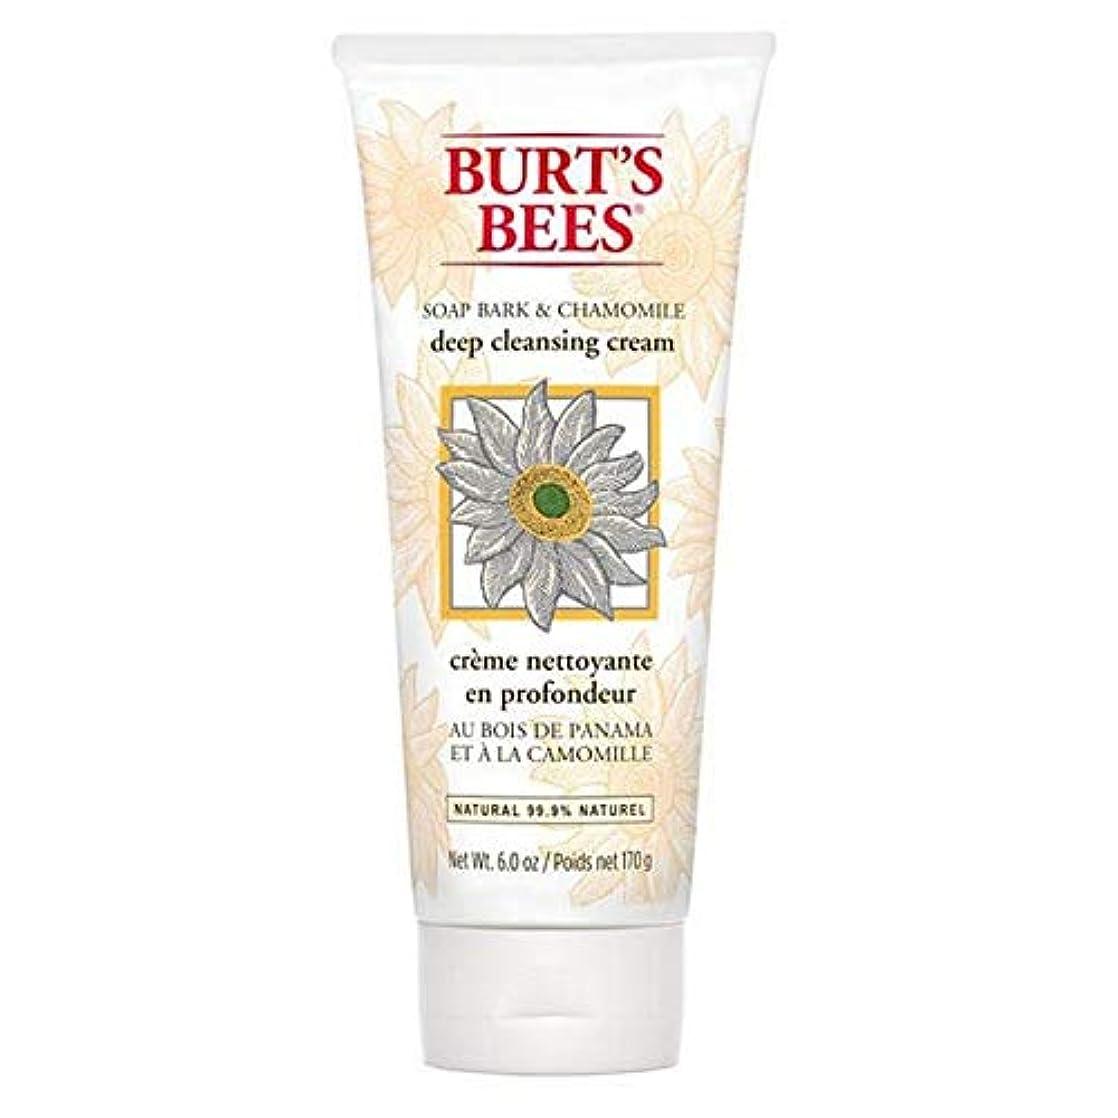 フルーツなかなか槍[Burt's Bees ] バーツビー石鹸樹皮&カモミールディープクレンジングクリーム170グラム - Burt's Bees Soap Bark & Chamomile Deep Cleansing Cream 170g...